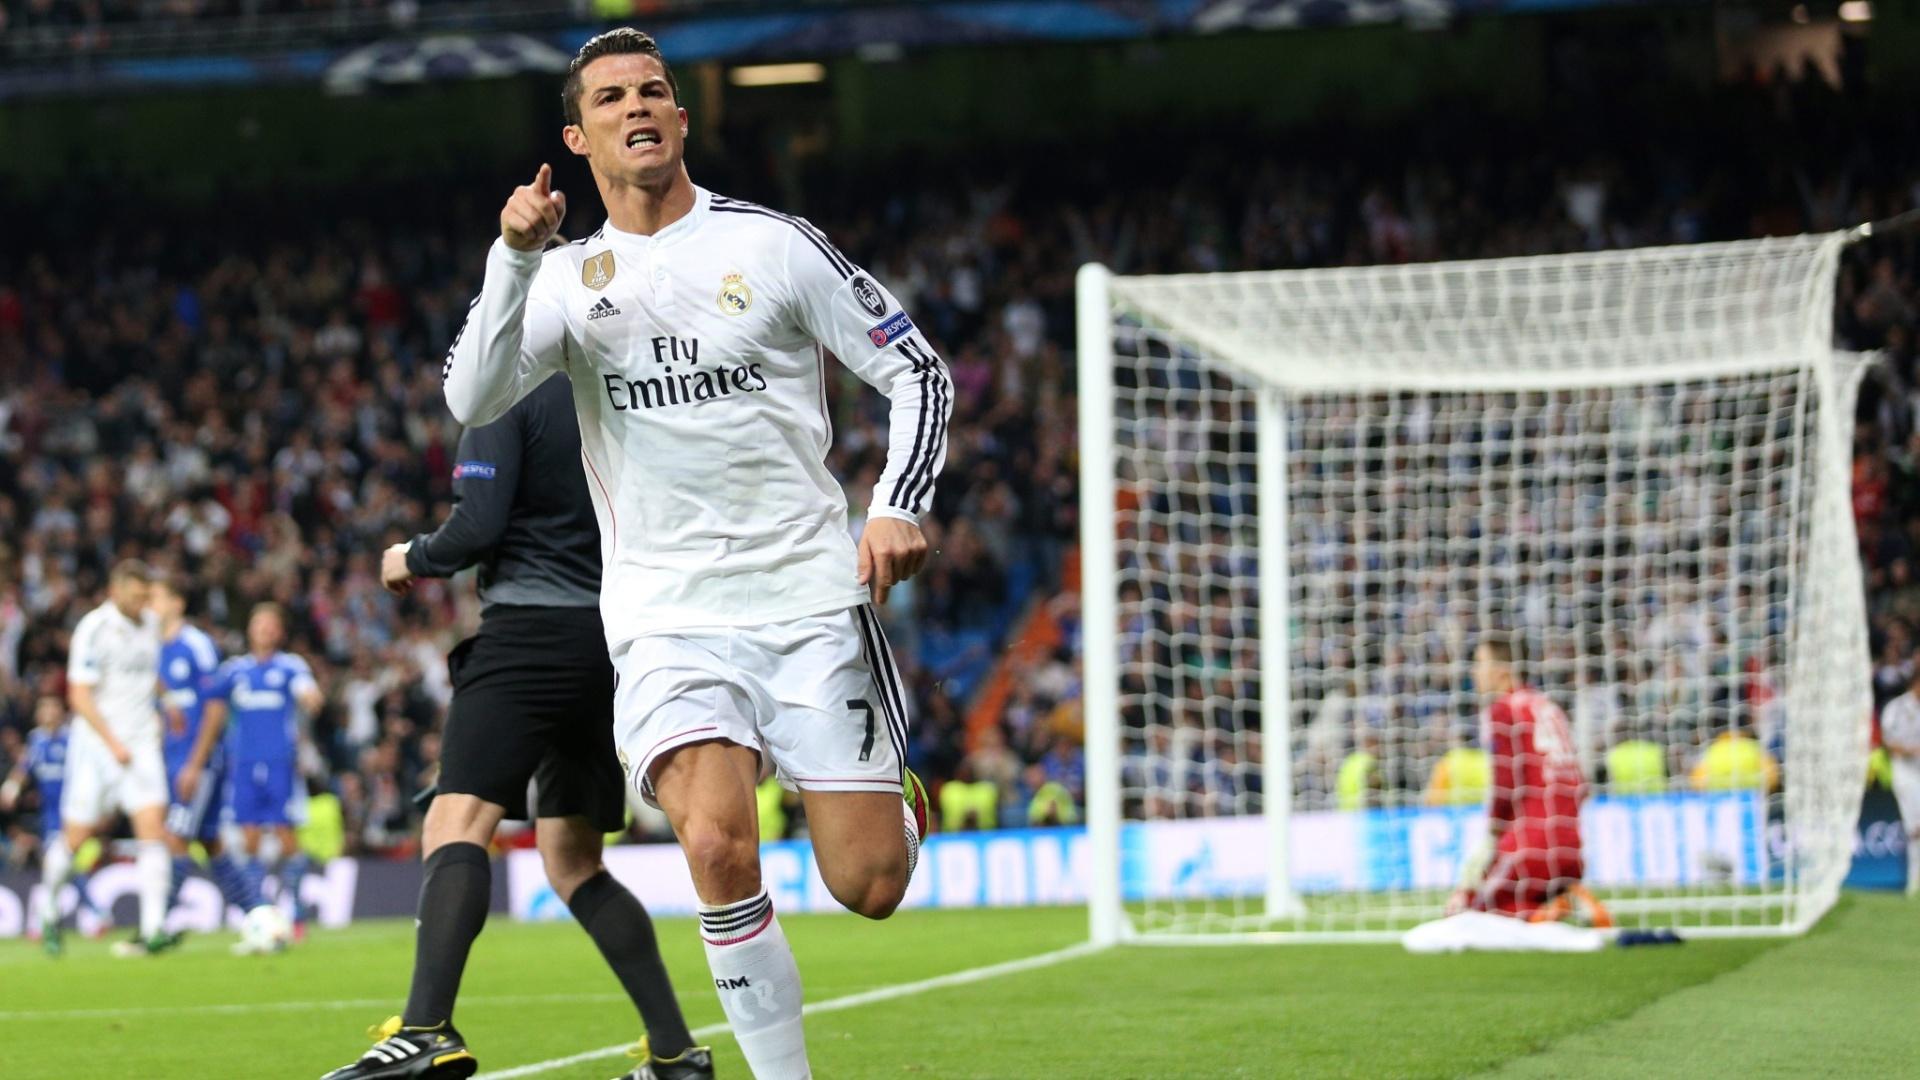 Cristiano Ronaldo marca o segundo gol contra o Schalke e alcança 75 gols na história da Liga dos Campeões